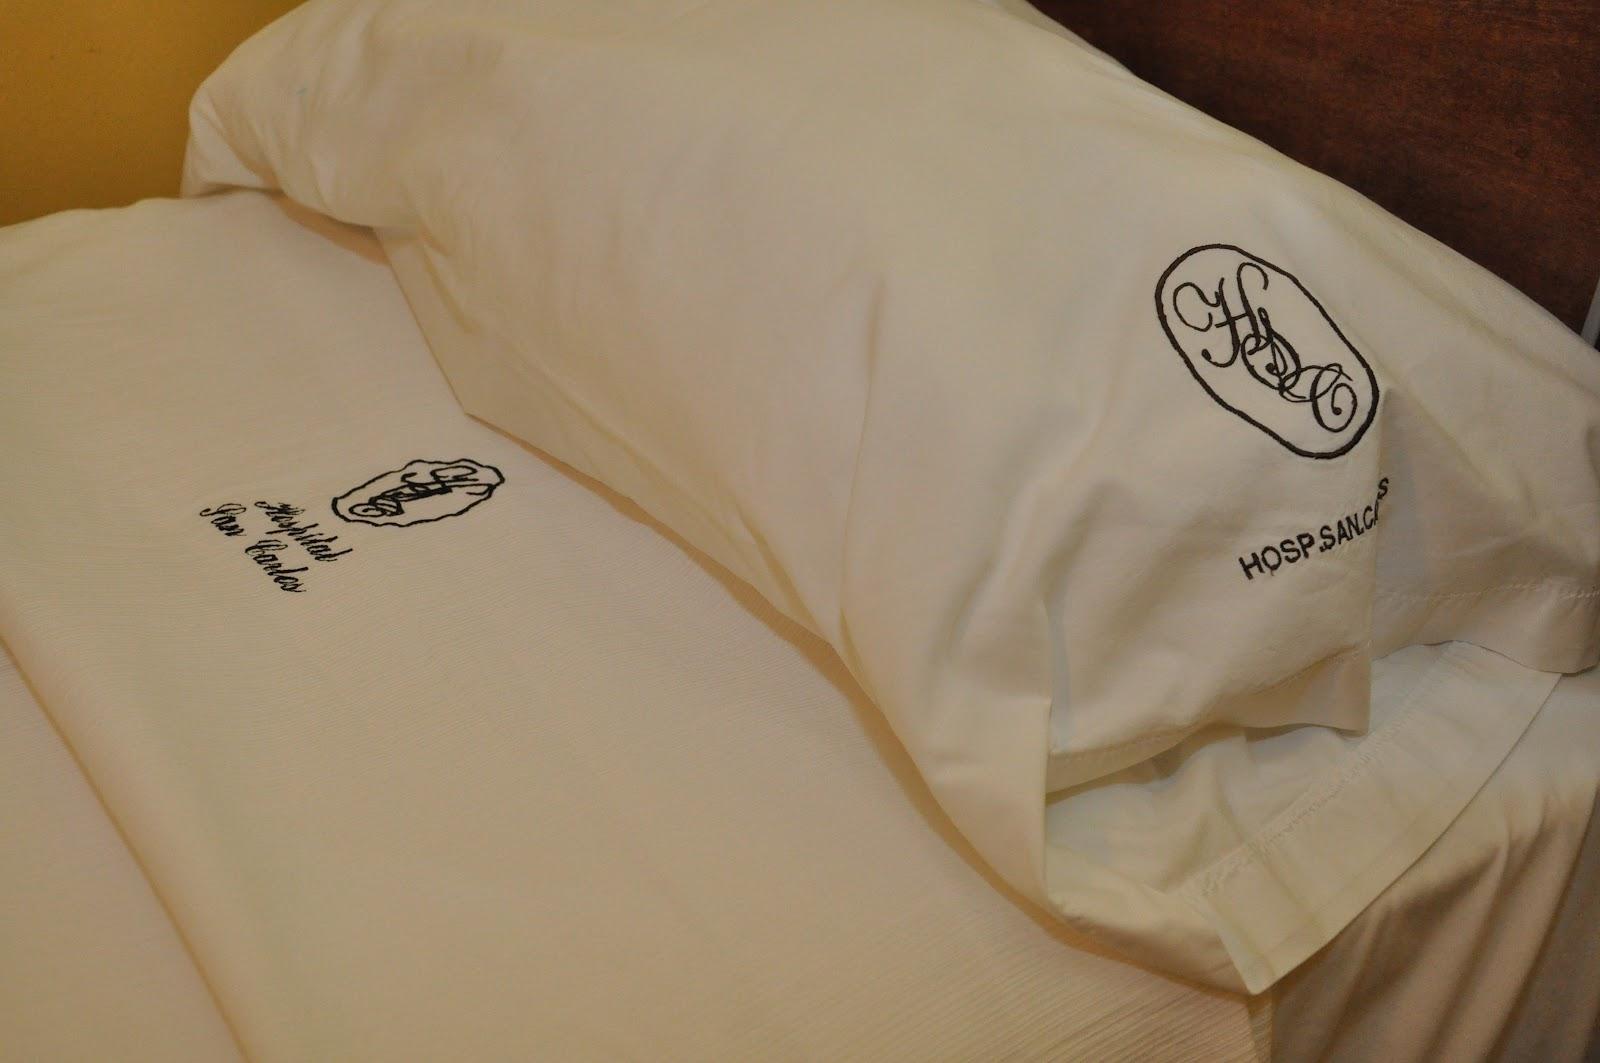 Hospital municipal san carlos habitaciones sector norte - San carlos ropa de cama ...